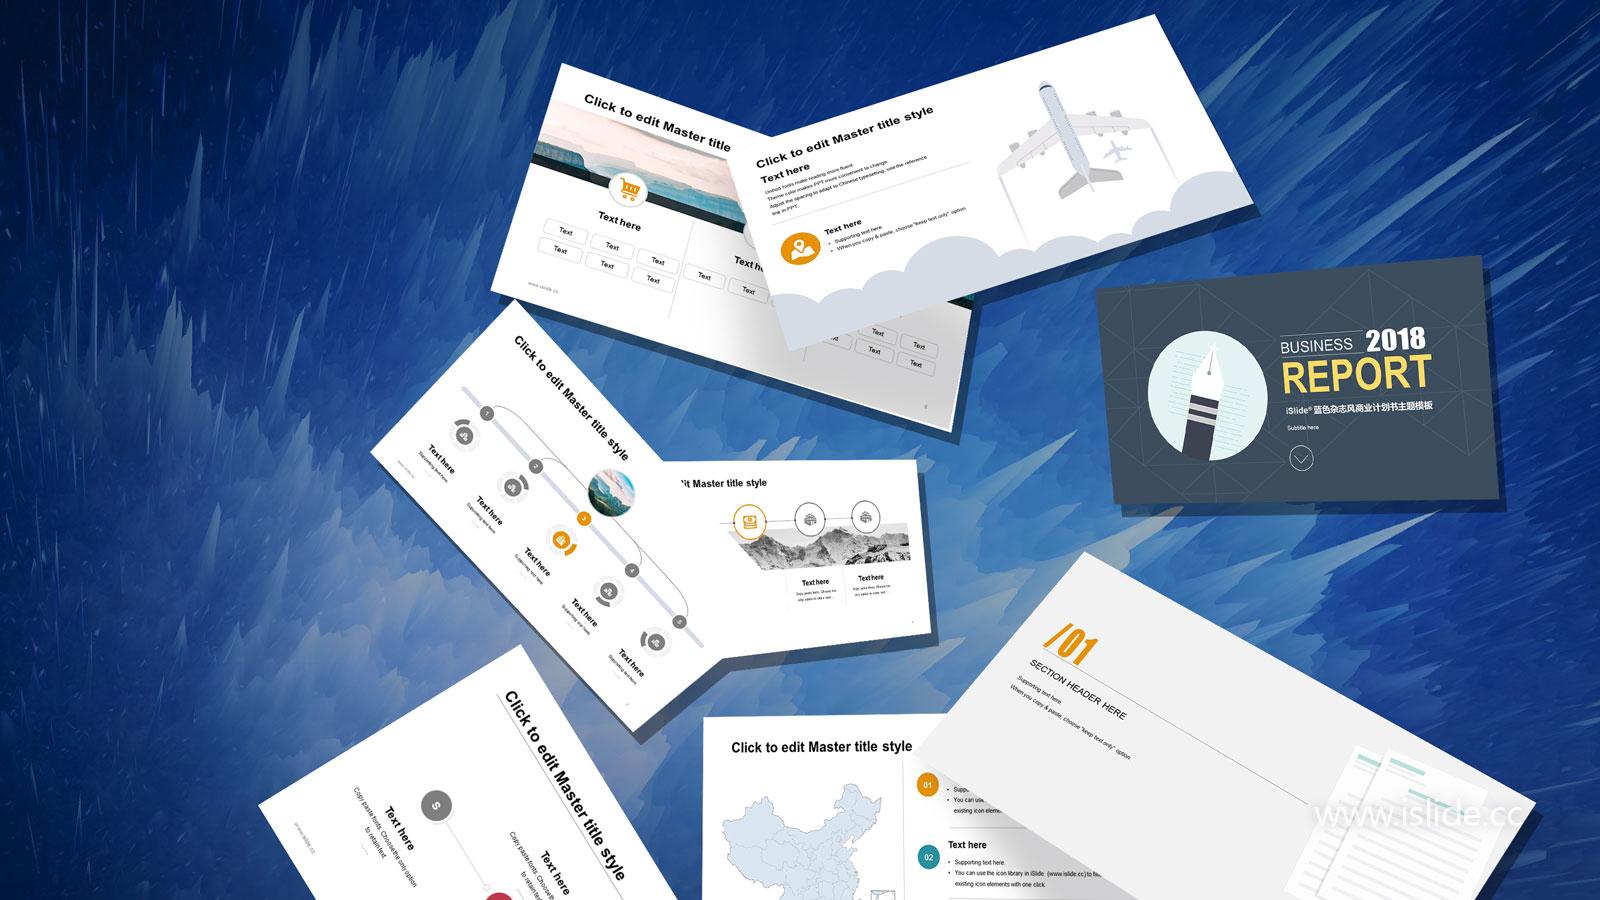 蓝色杂志风商业计划书 PPT模板下载_预览图1